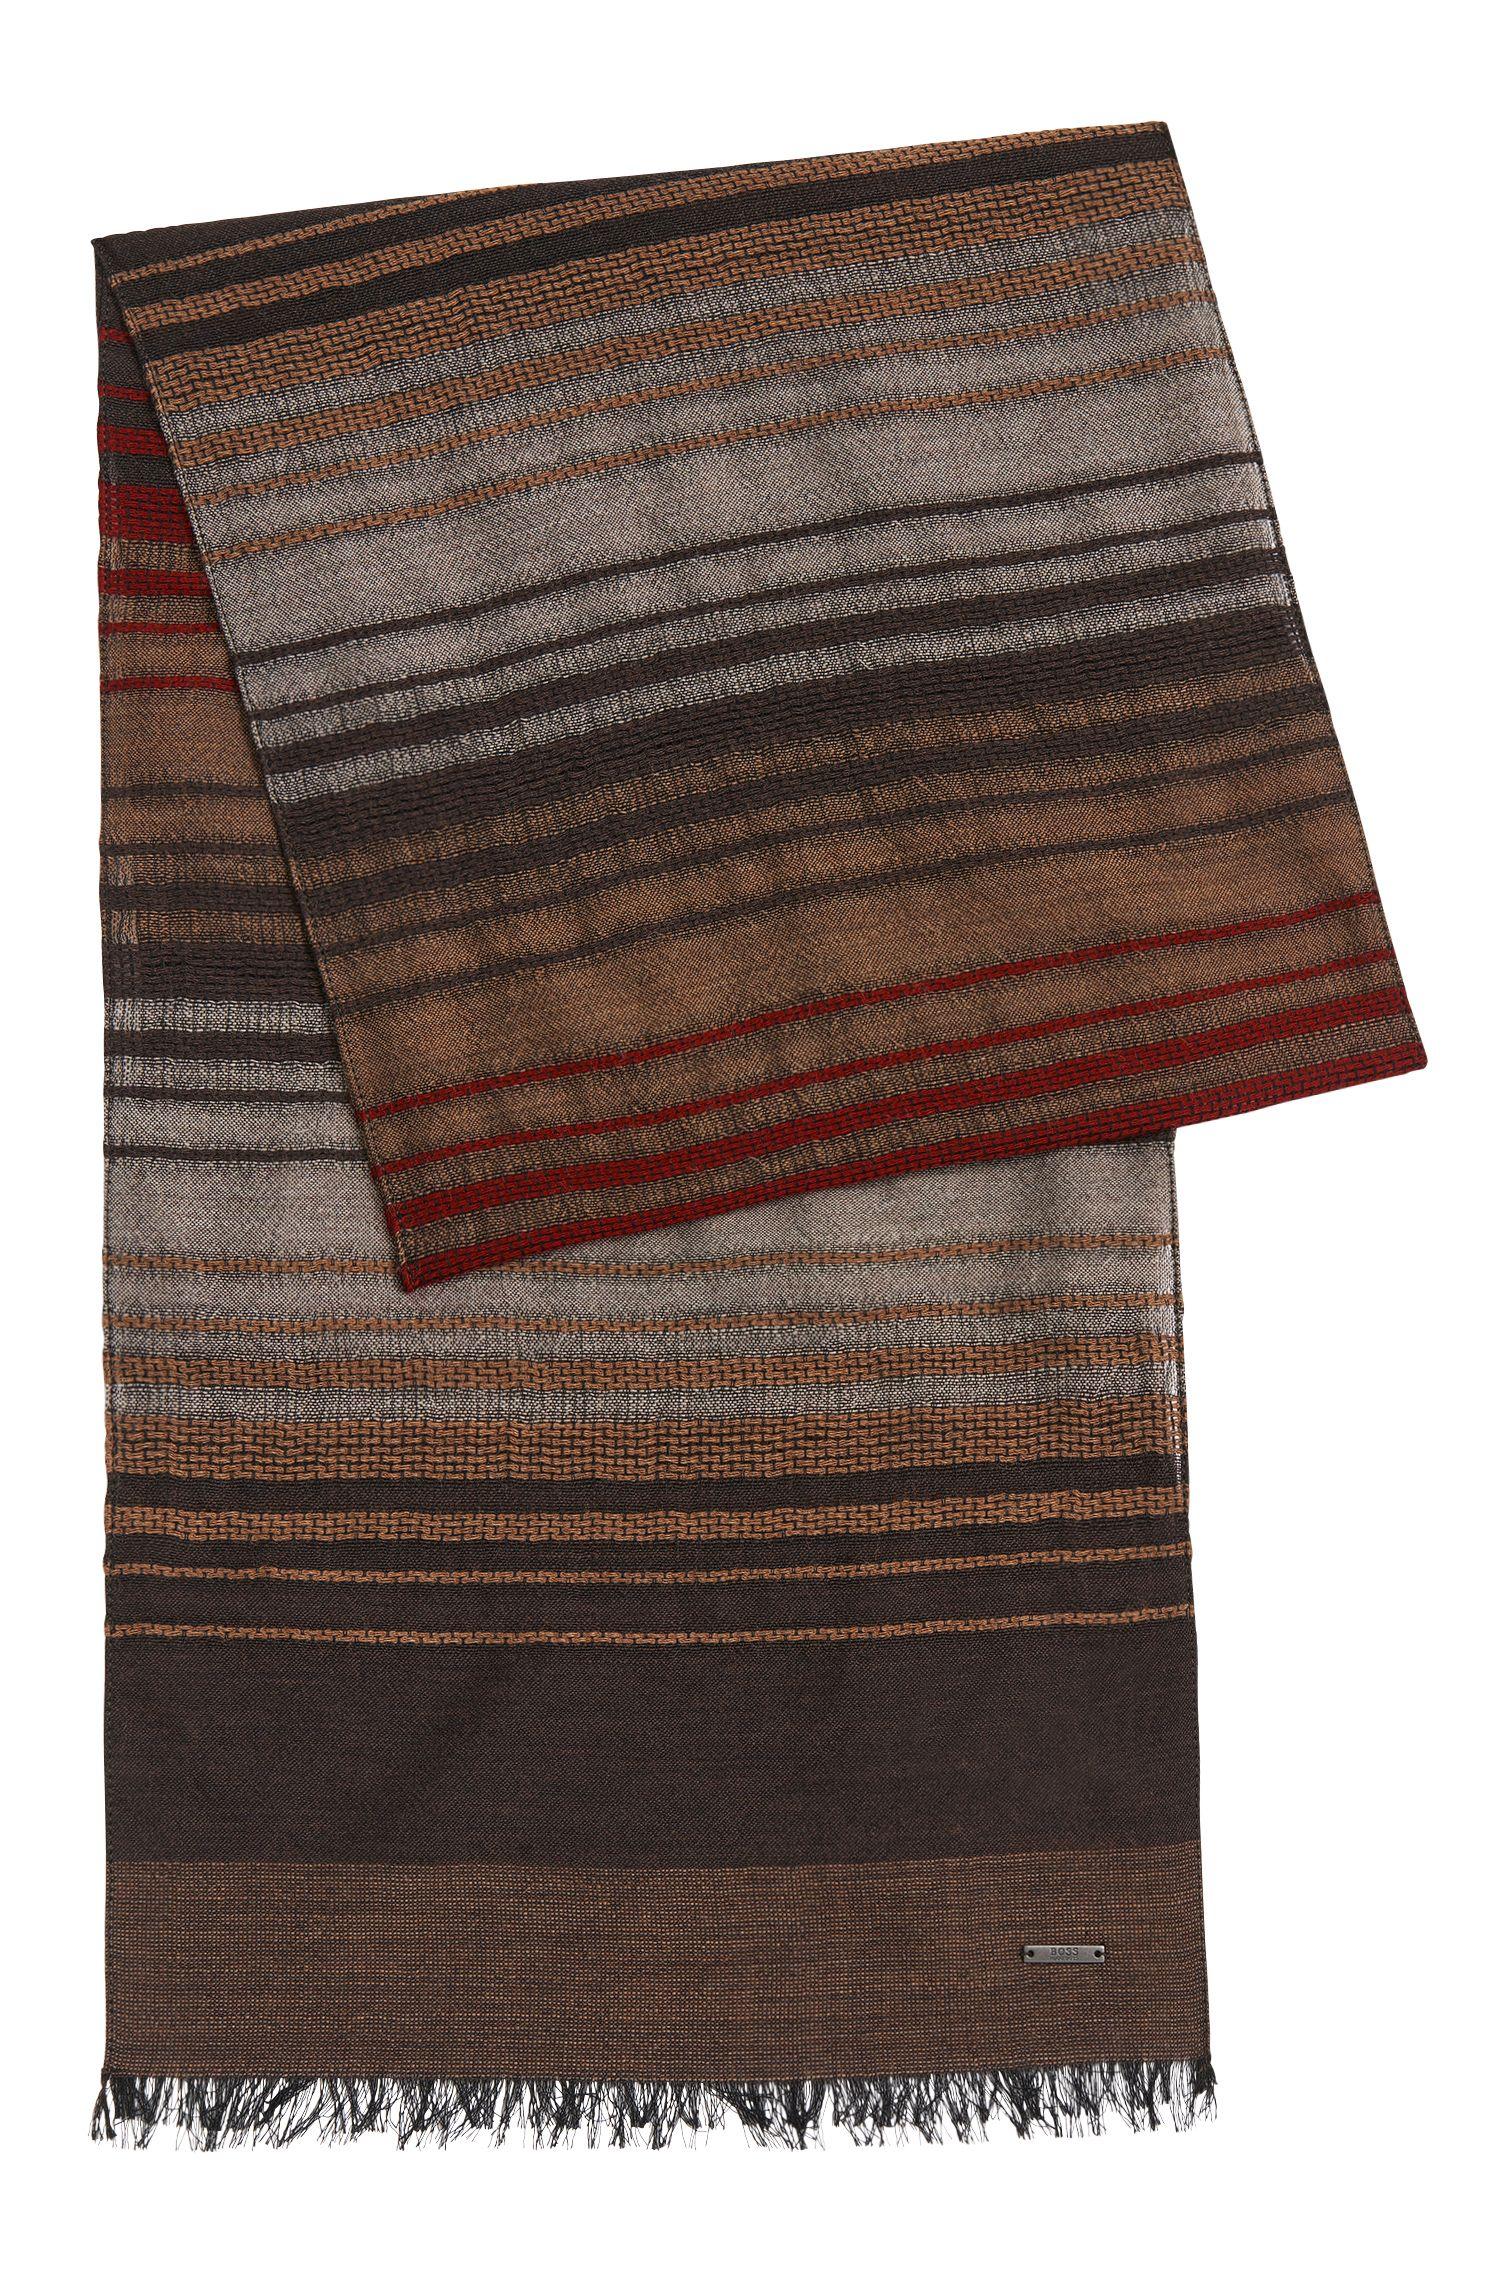 'Cantos' | Italian Virgin Wool Silk Striped Scarf